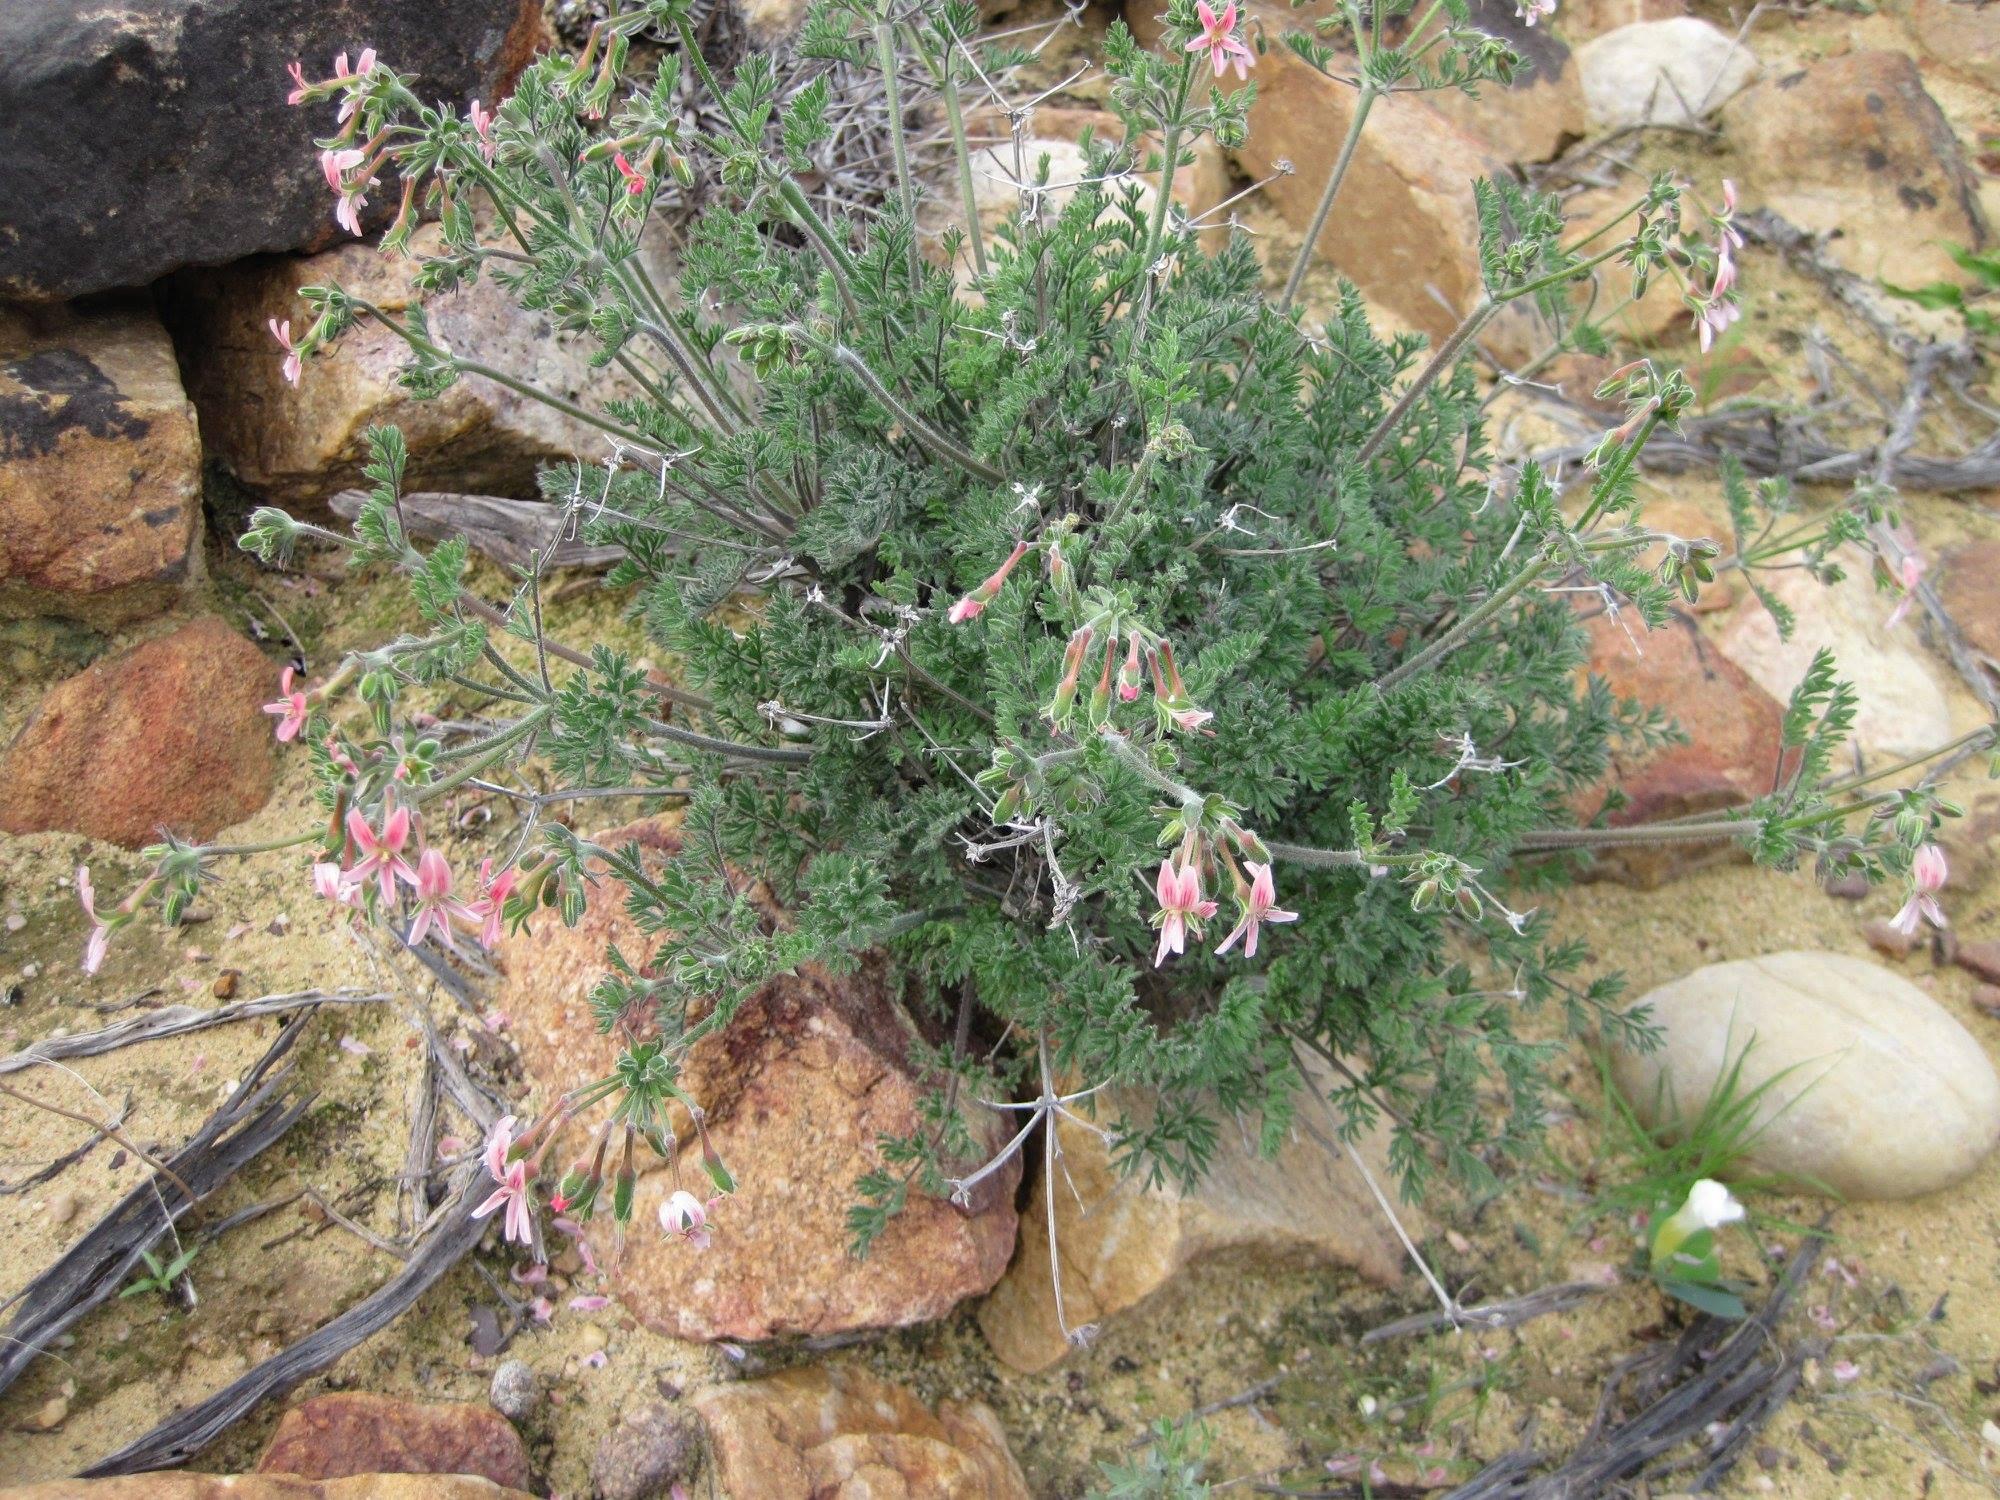 Pelargonium crassipes 1, Trawal. Credit Riaan van der Walt.